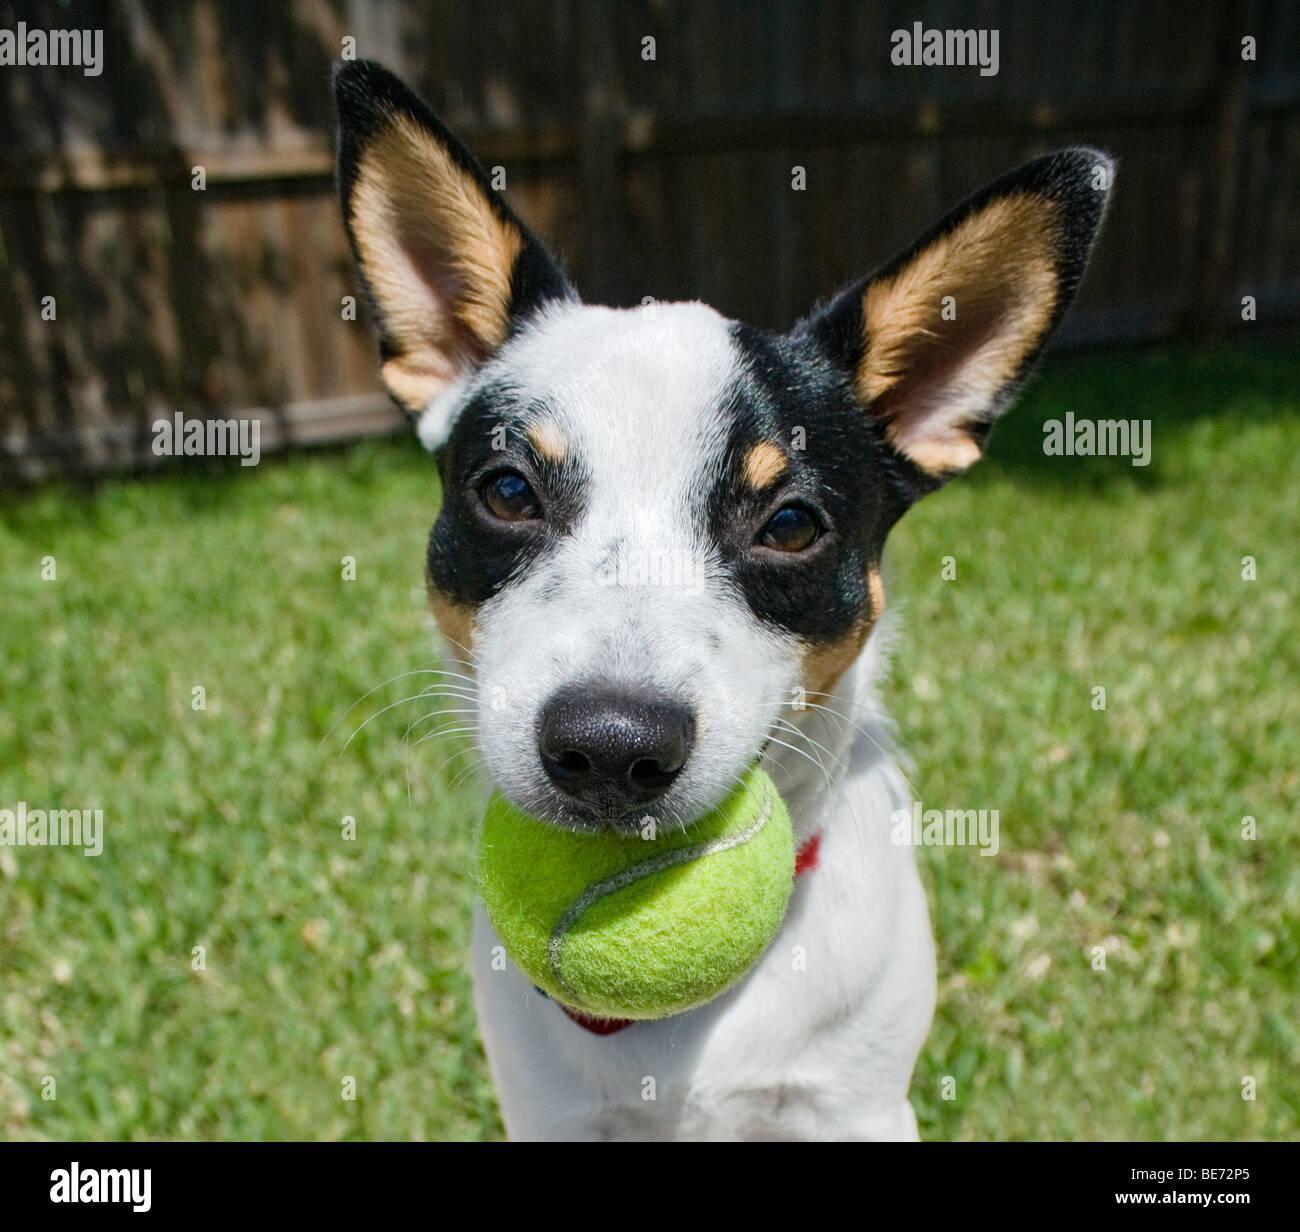 Ratte Terrier Welpe Spiel mit Tennisball in einem Hinterhof Stockbild